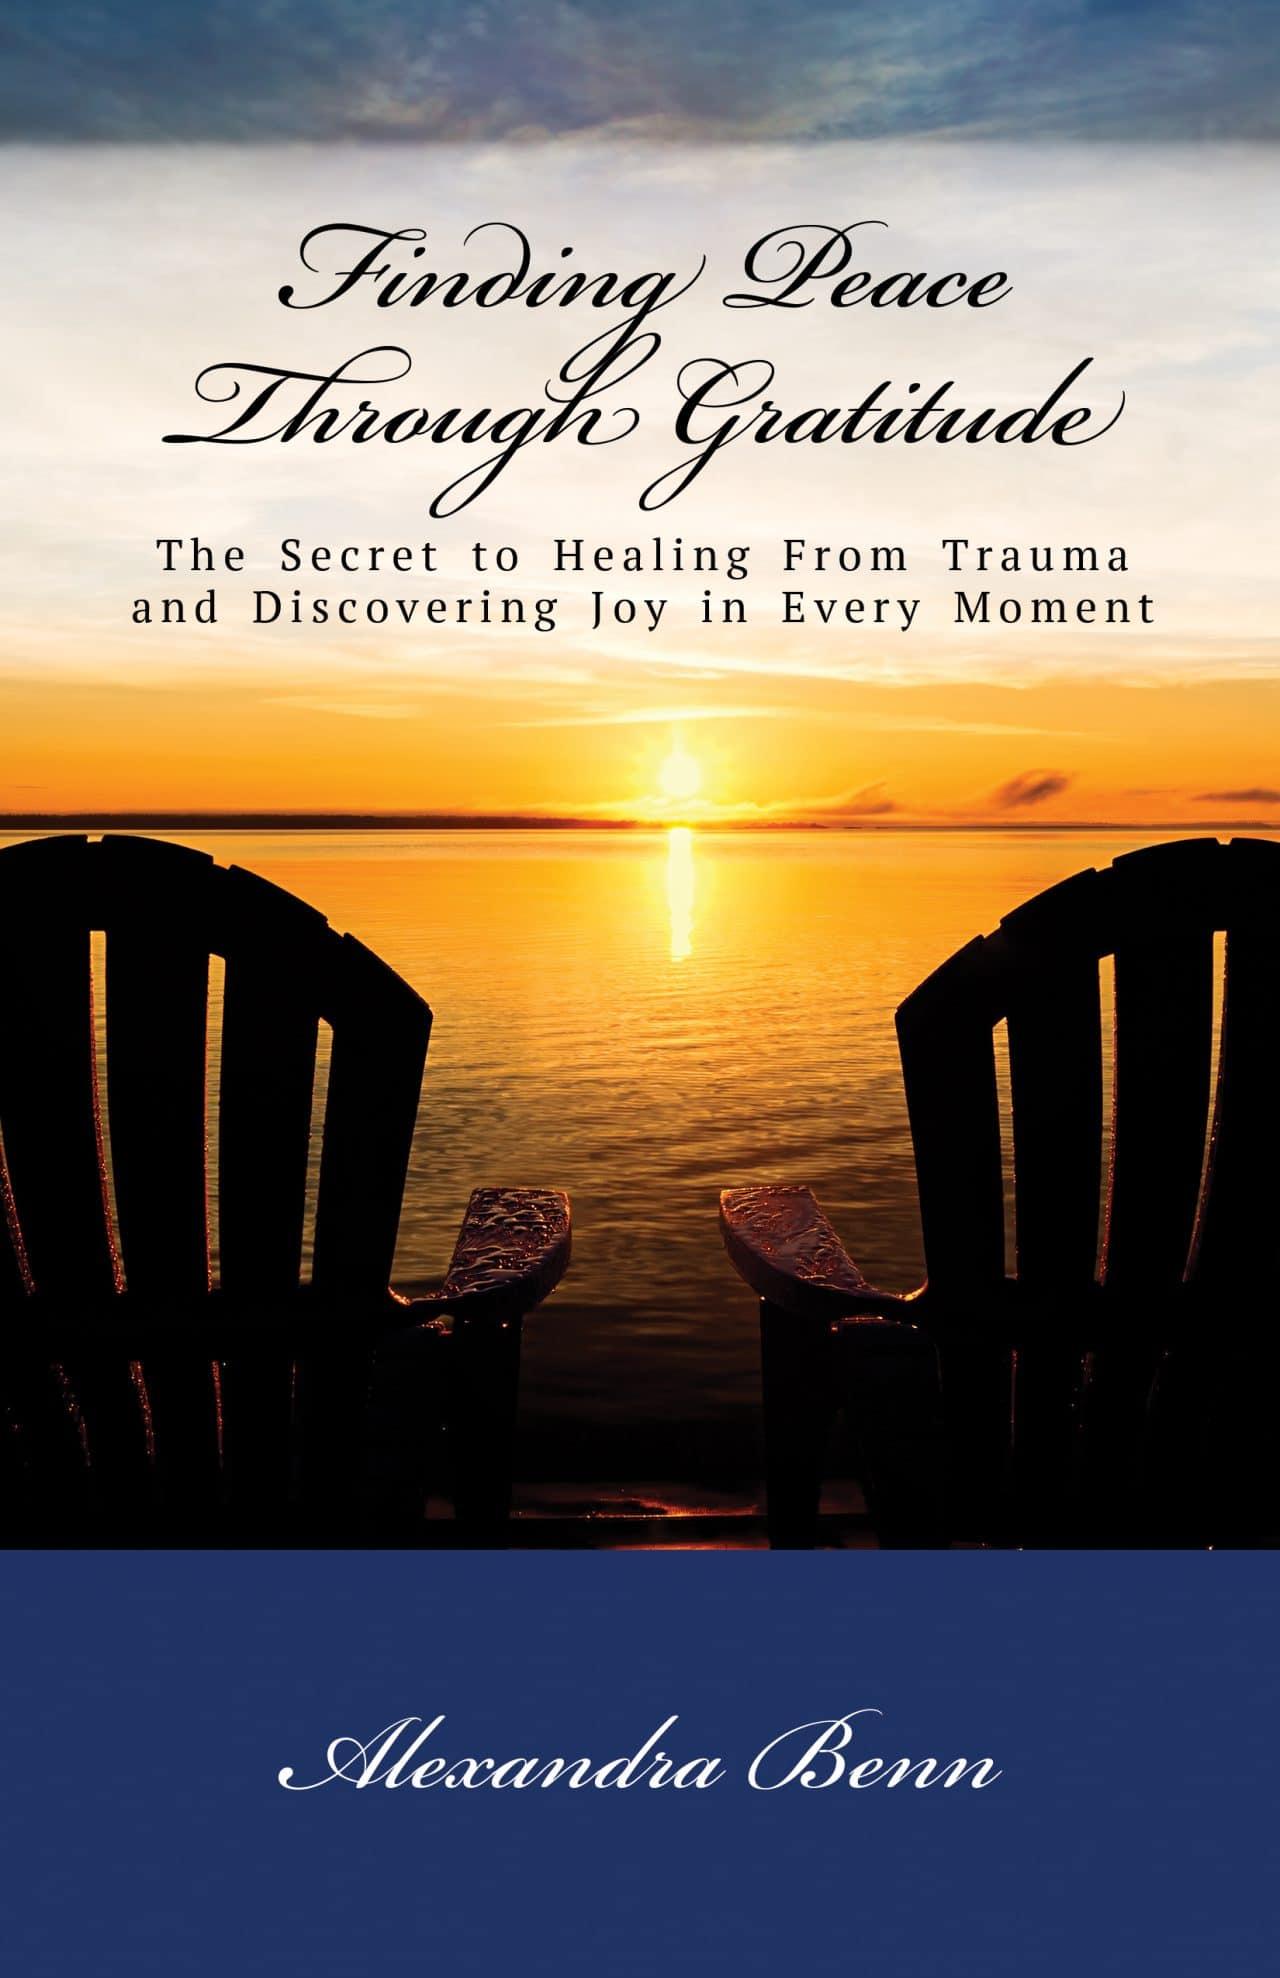 Finding Peace Through Gratitude